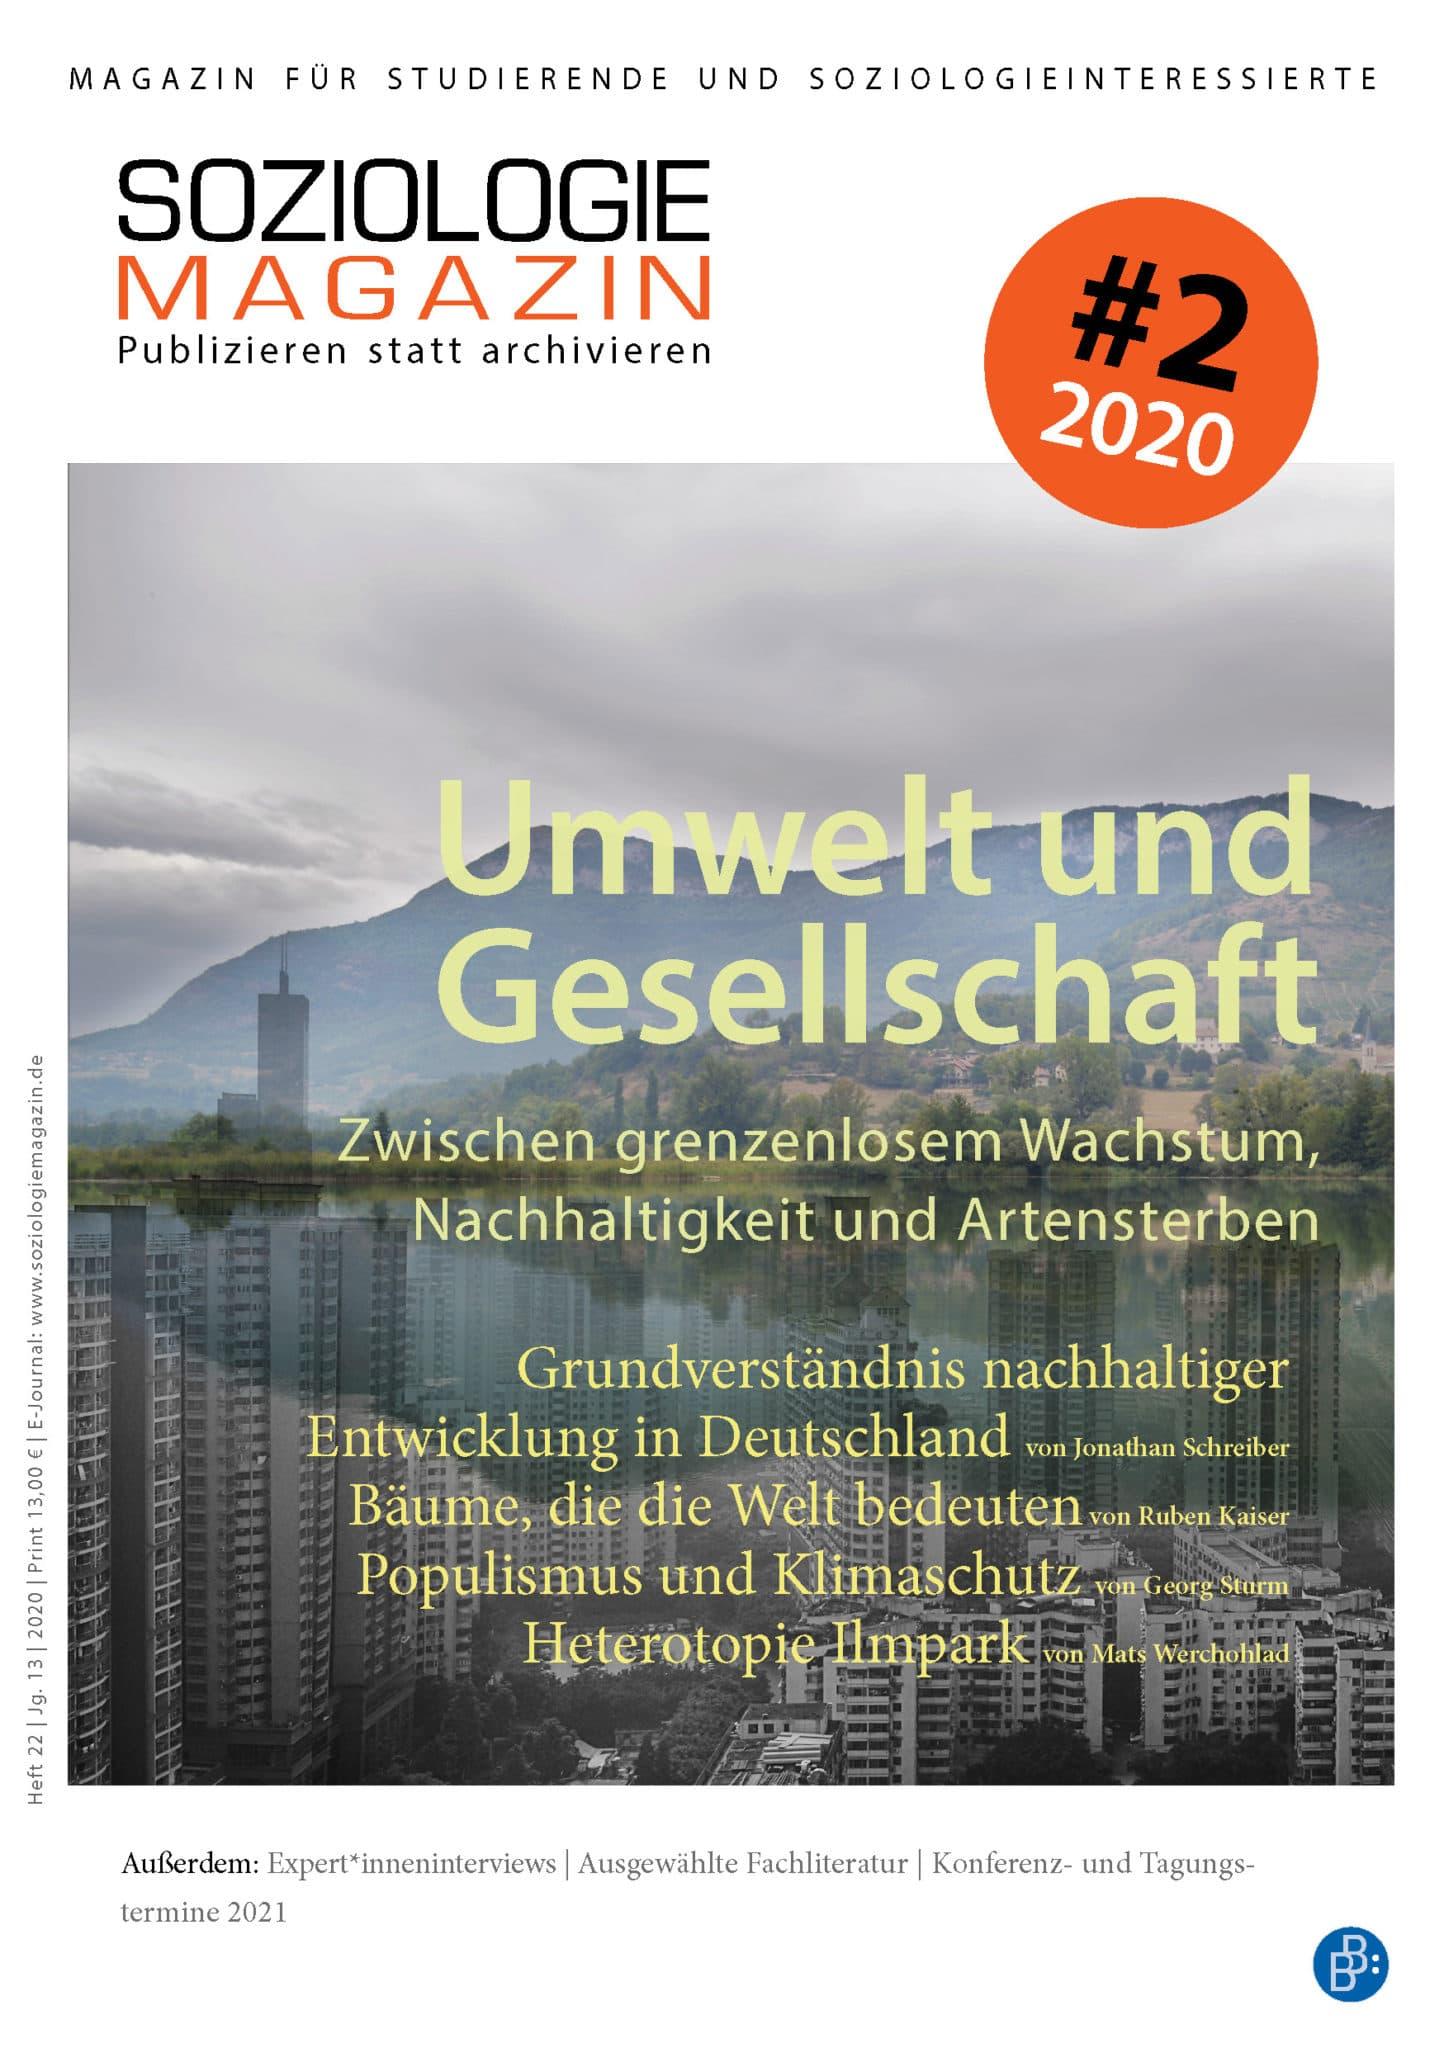 Soziologiemagazin 2-2020: Umwelt und Gesellschaft. Zwischen grenzenlosem Wachstum, Nachhaltigkeit und Artensterben